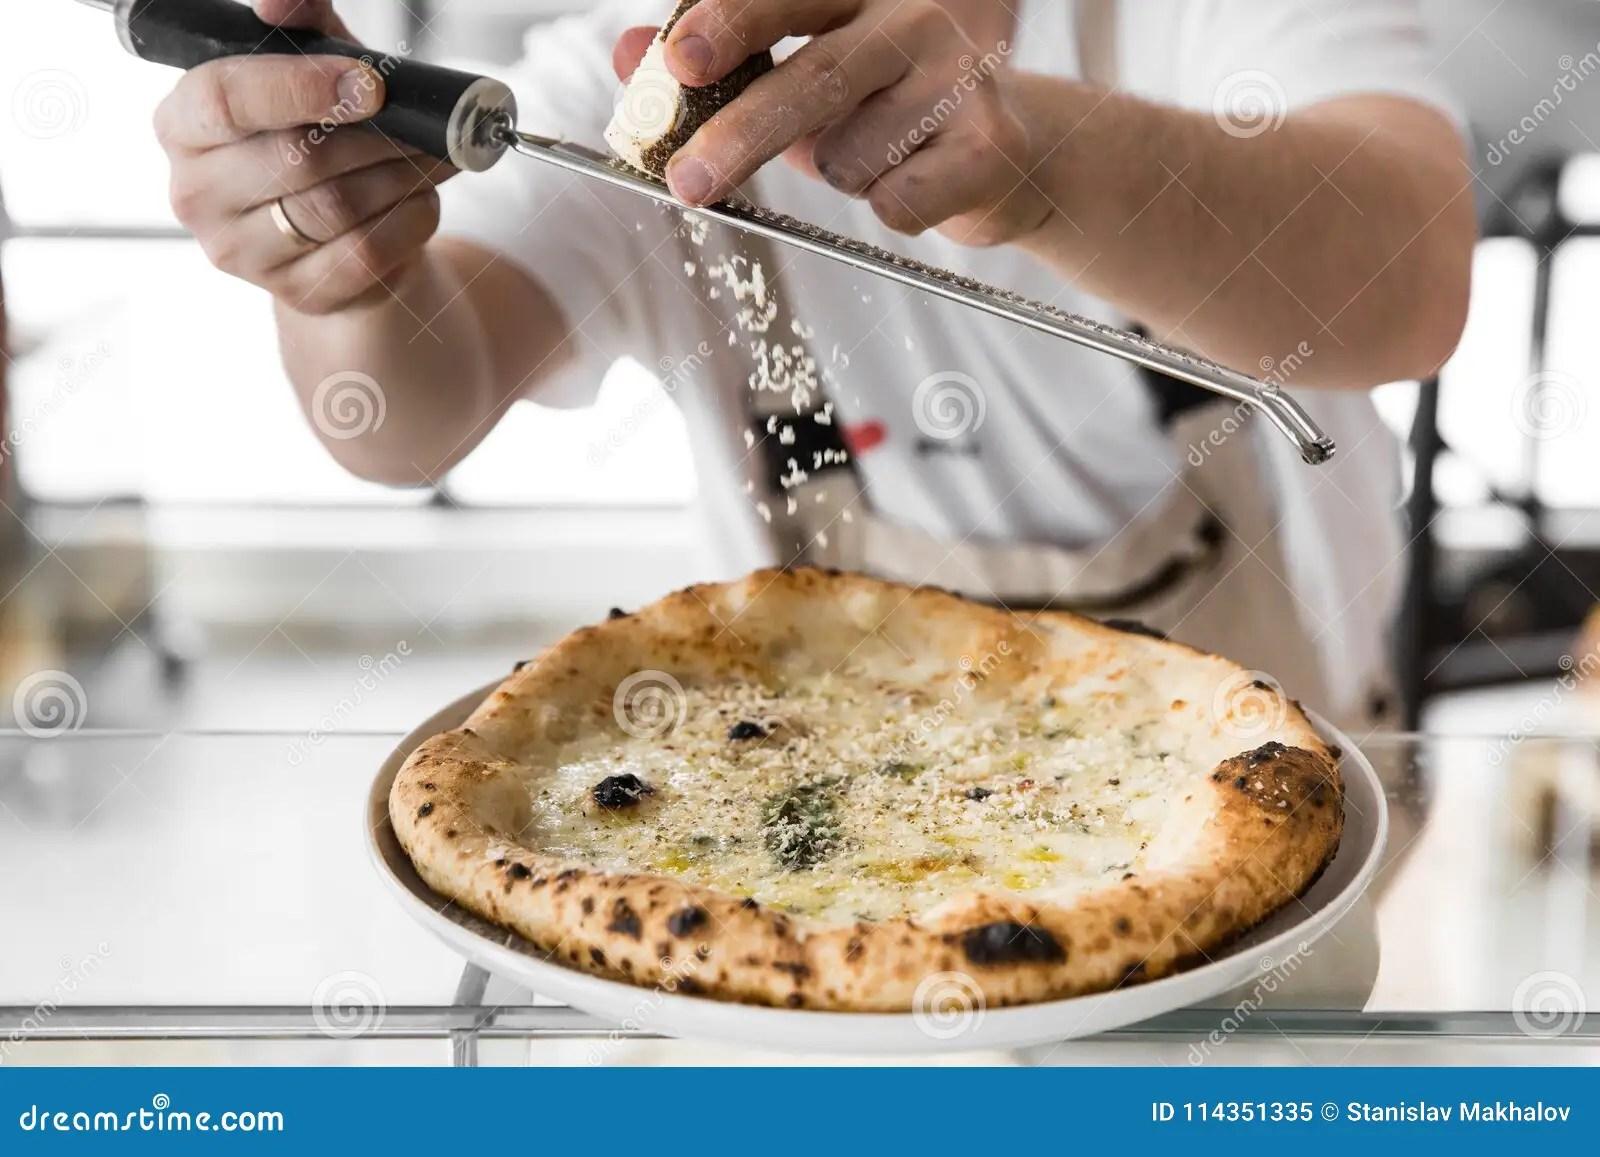 kitchen chief pots 做薄饼的厨师面包师的特写镜头手在厨房厨师摩擦乳酪库存图片 图片包括有 做薄饼的厨师面包师的特写镜头手在厨房厨师摩擦乳酪